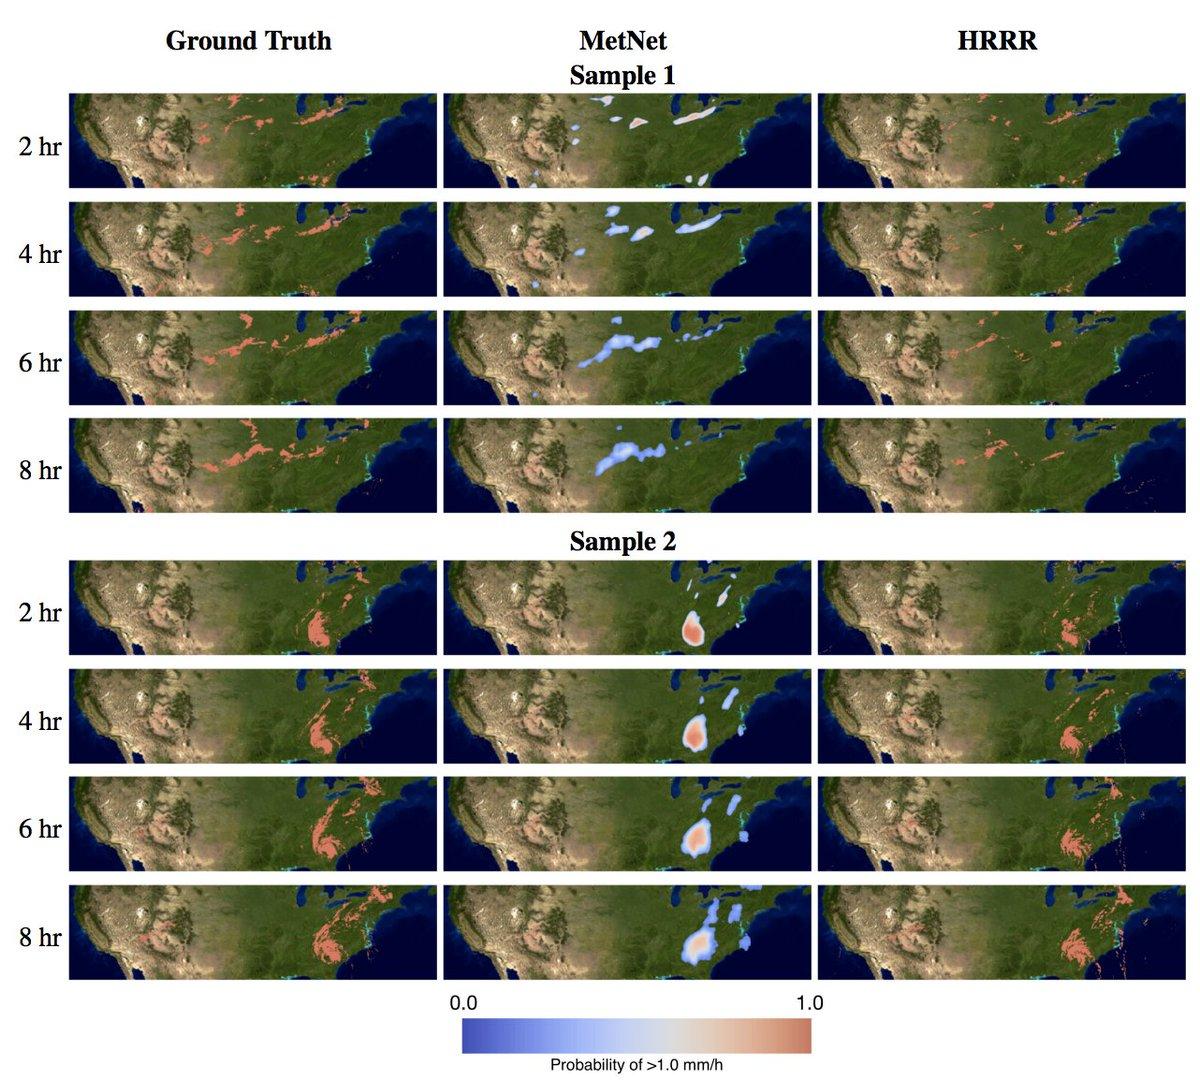 将来8時間までの降水量を予測するニューラルネットワーク「MetNet」。入力はレーダー・衛星データで、降水量の確率マップを作成。MetNet: A Neural Weather Model for Precipitation Forecasting